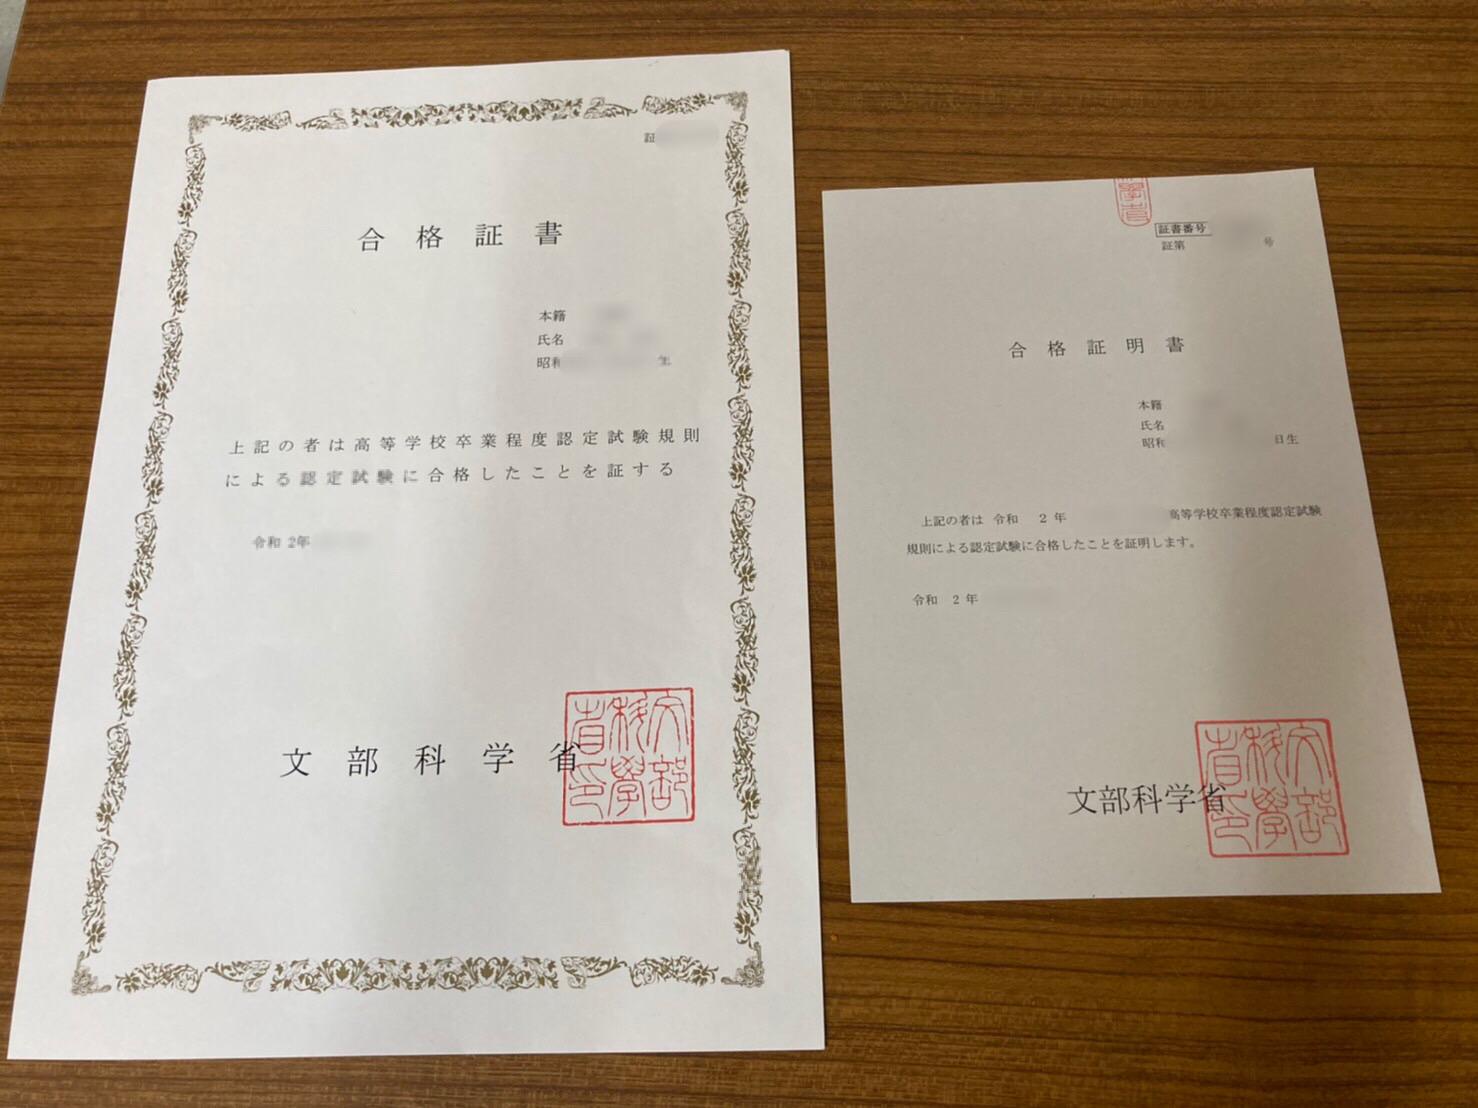 合格証明書の写真